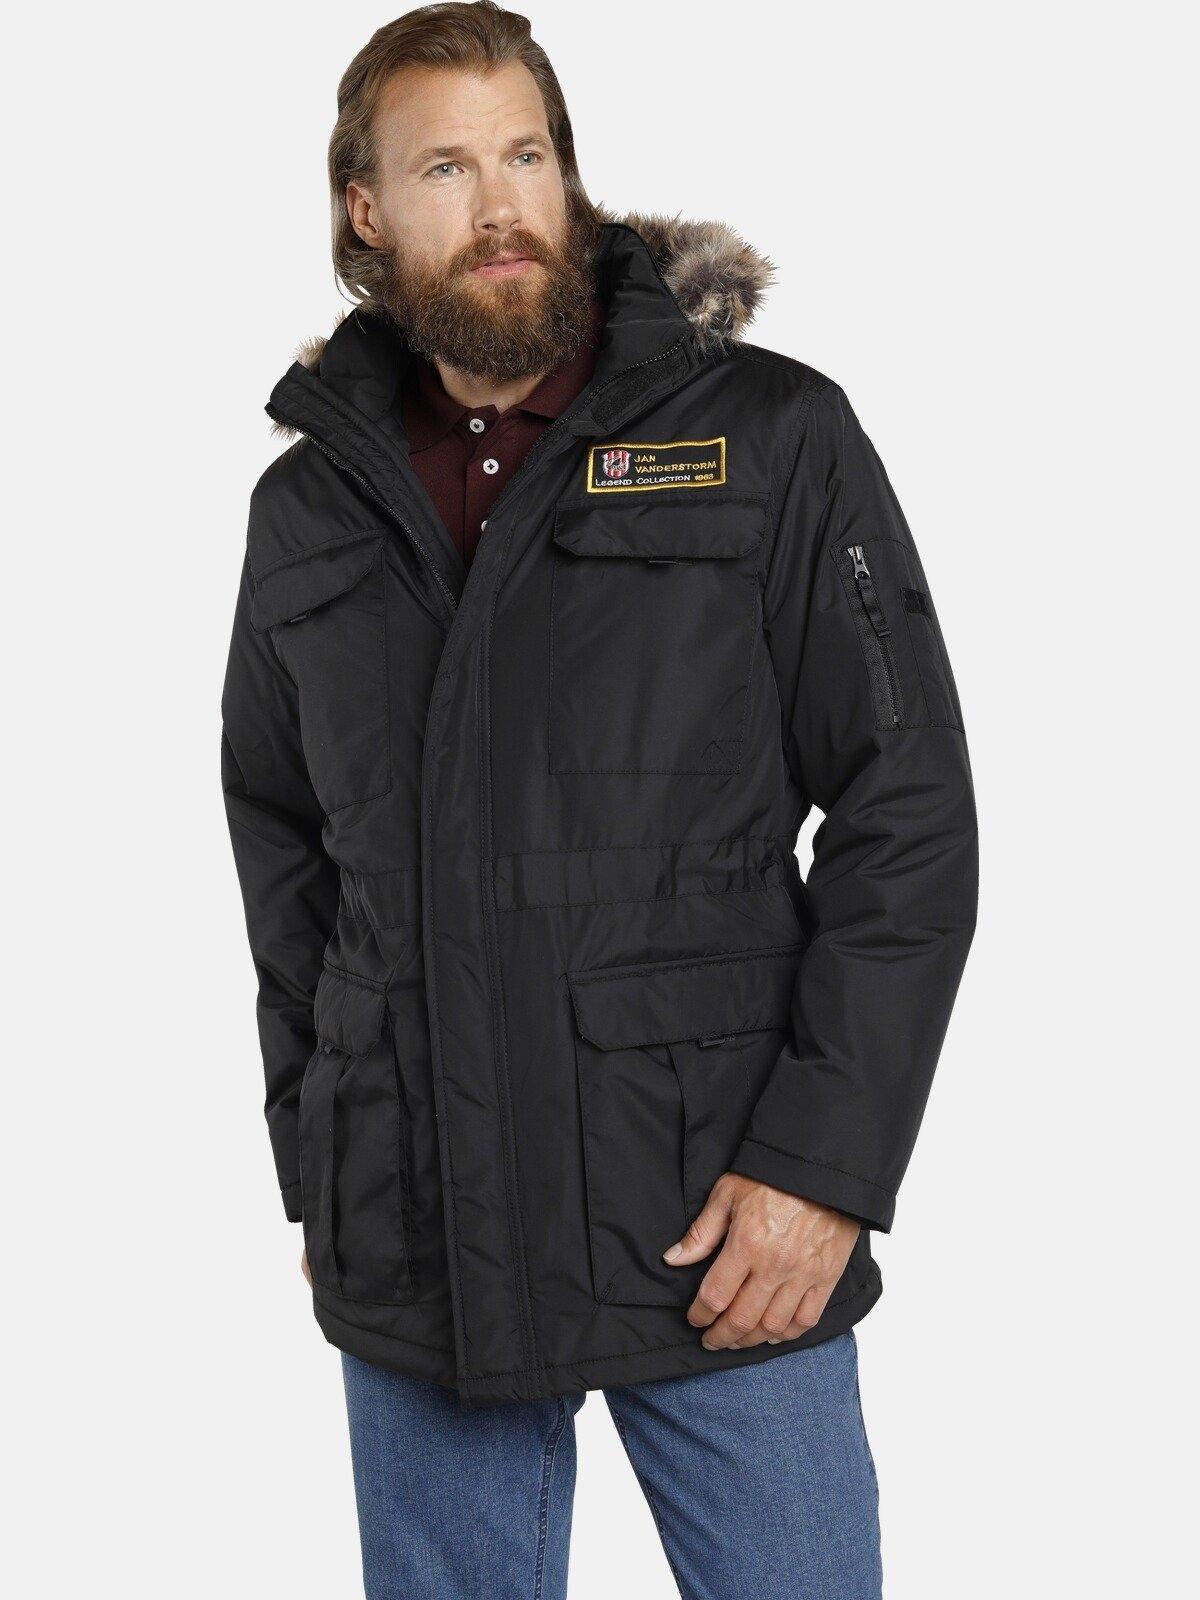 Op zoek naar een Jan Vanderstorm winterjack AJAN is weerbestendig en warm gewatteerd? Koop online bij OTTO